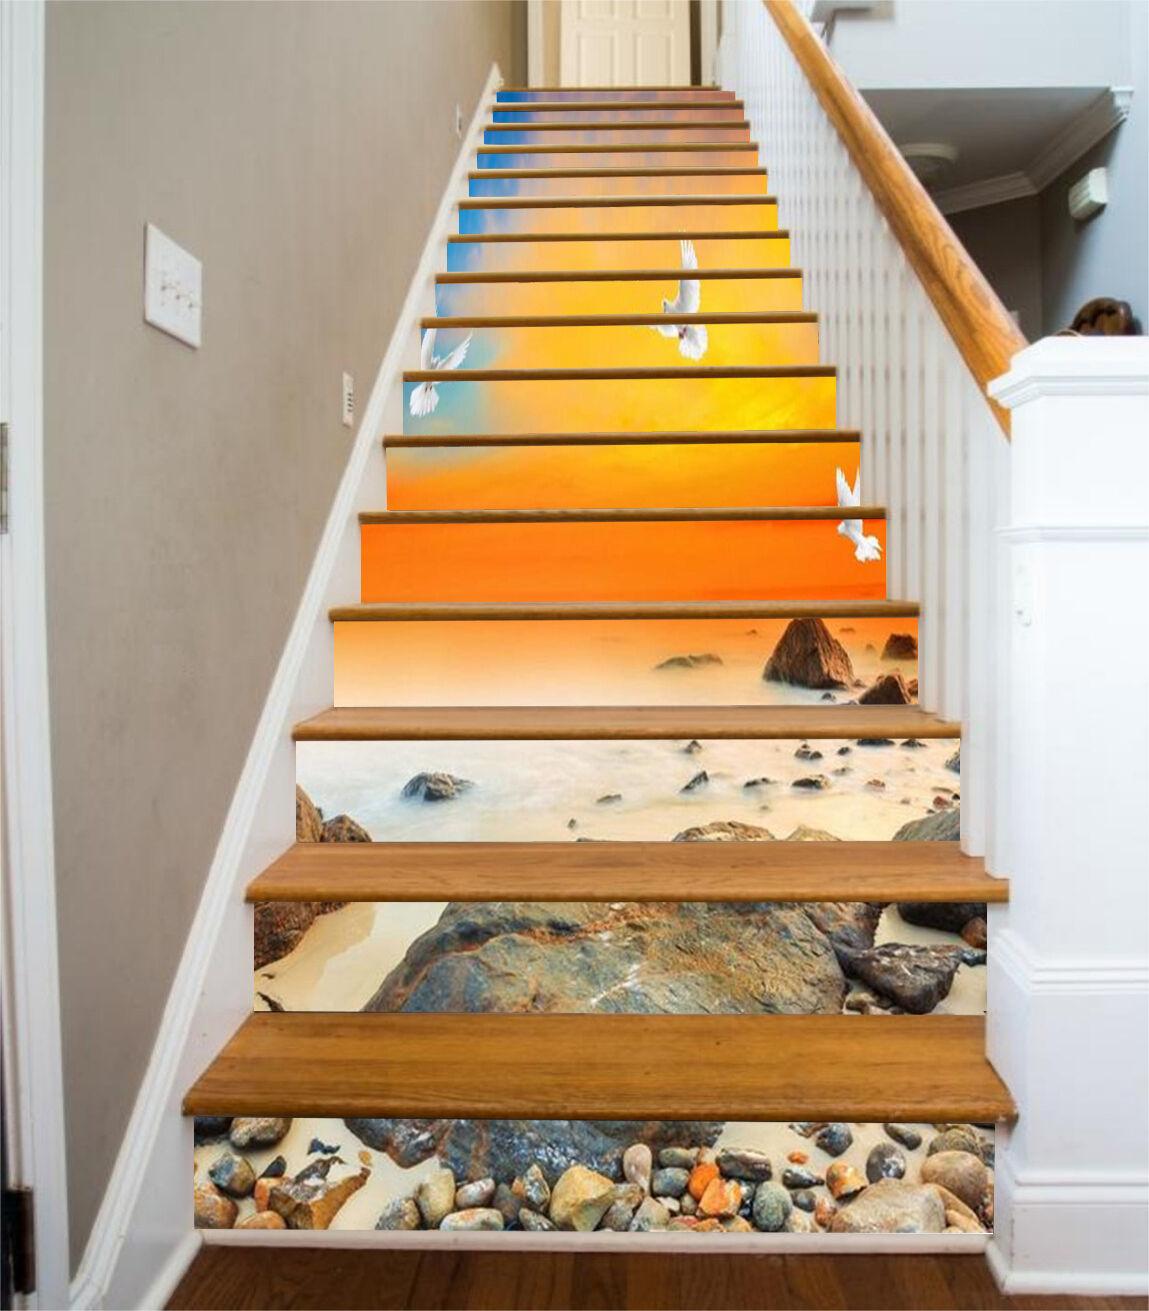 3D Sky Beach bird 7 Stair Risers Decoration Photo Mural Vinyl Decal Wallpaper UK